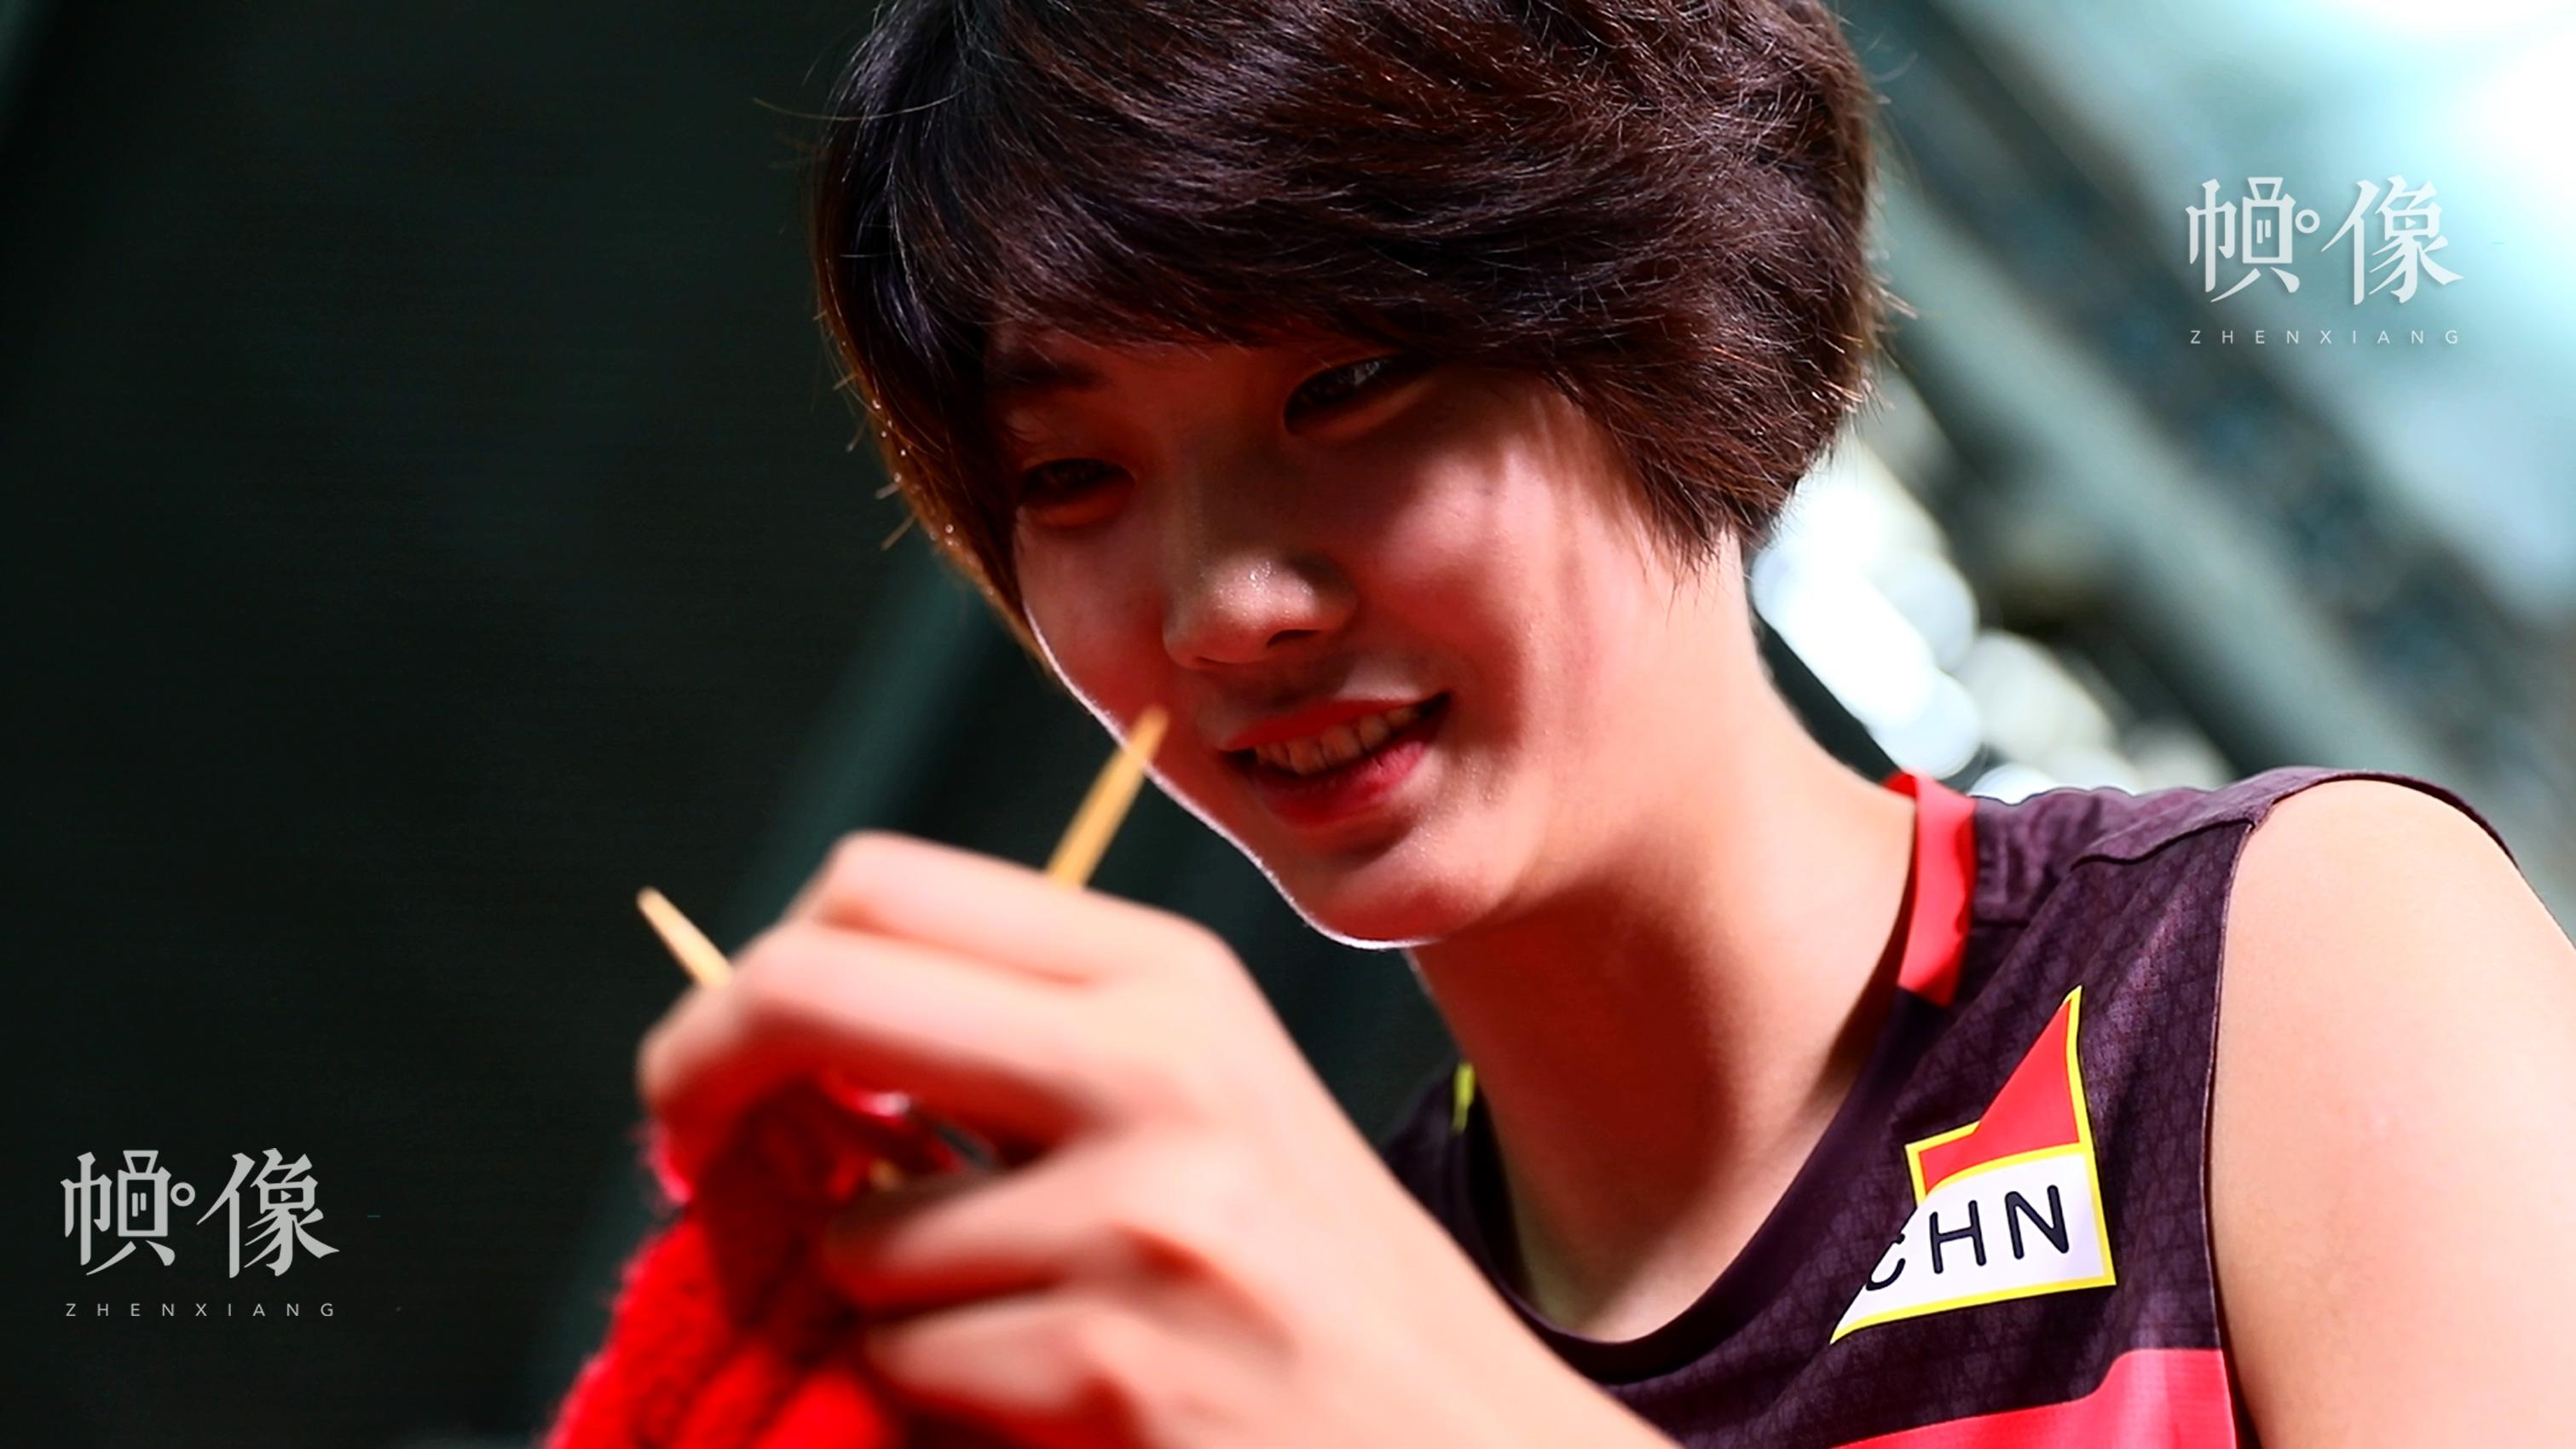 袁心玥织着毛衣脸上露出灿烂的笑容。中国儿童少年基金会供图。